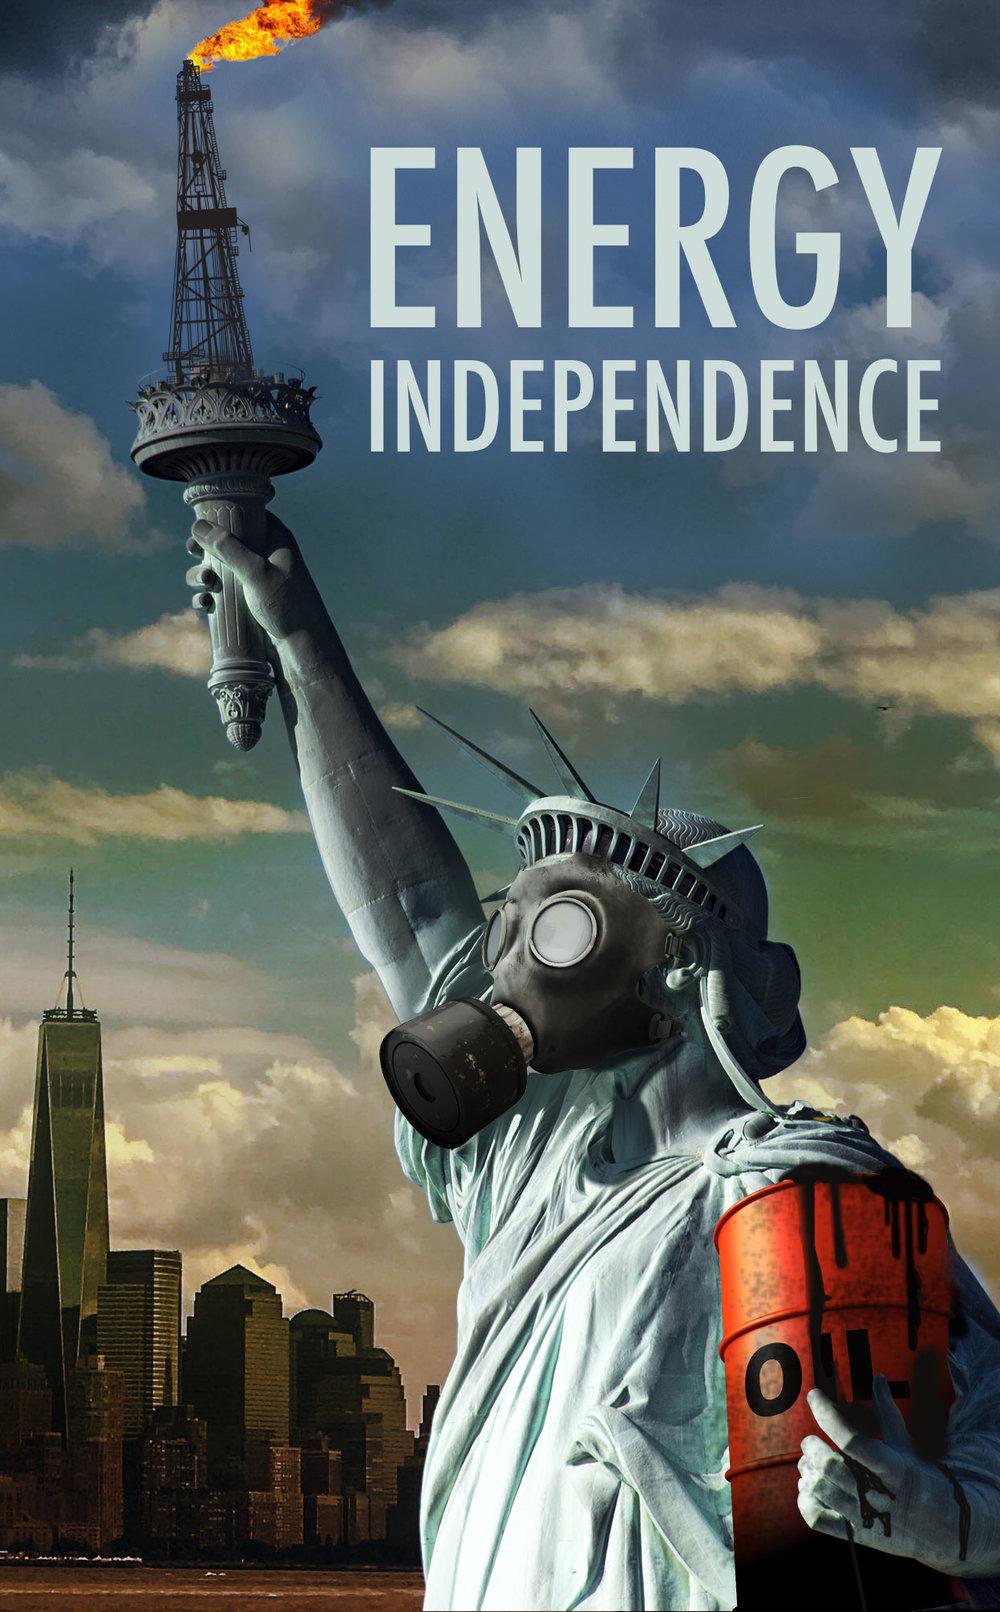 LibertyEnergyIndependence.jpg